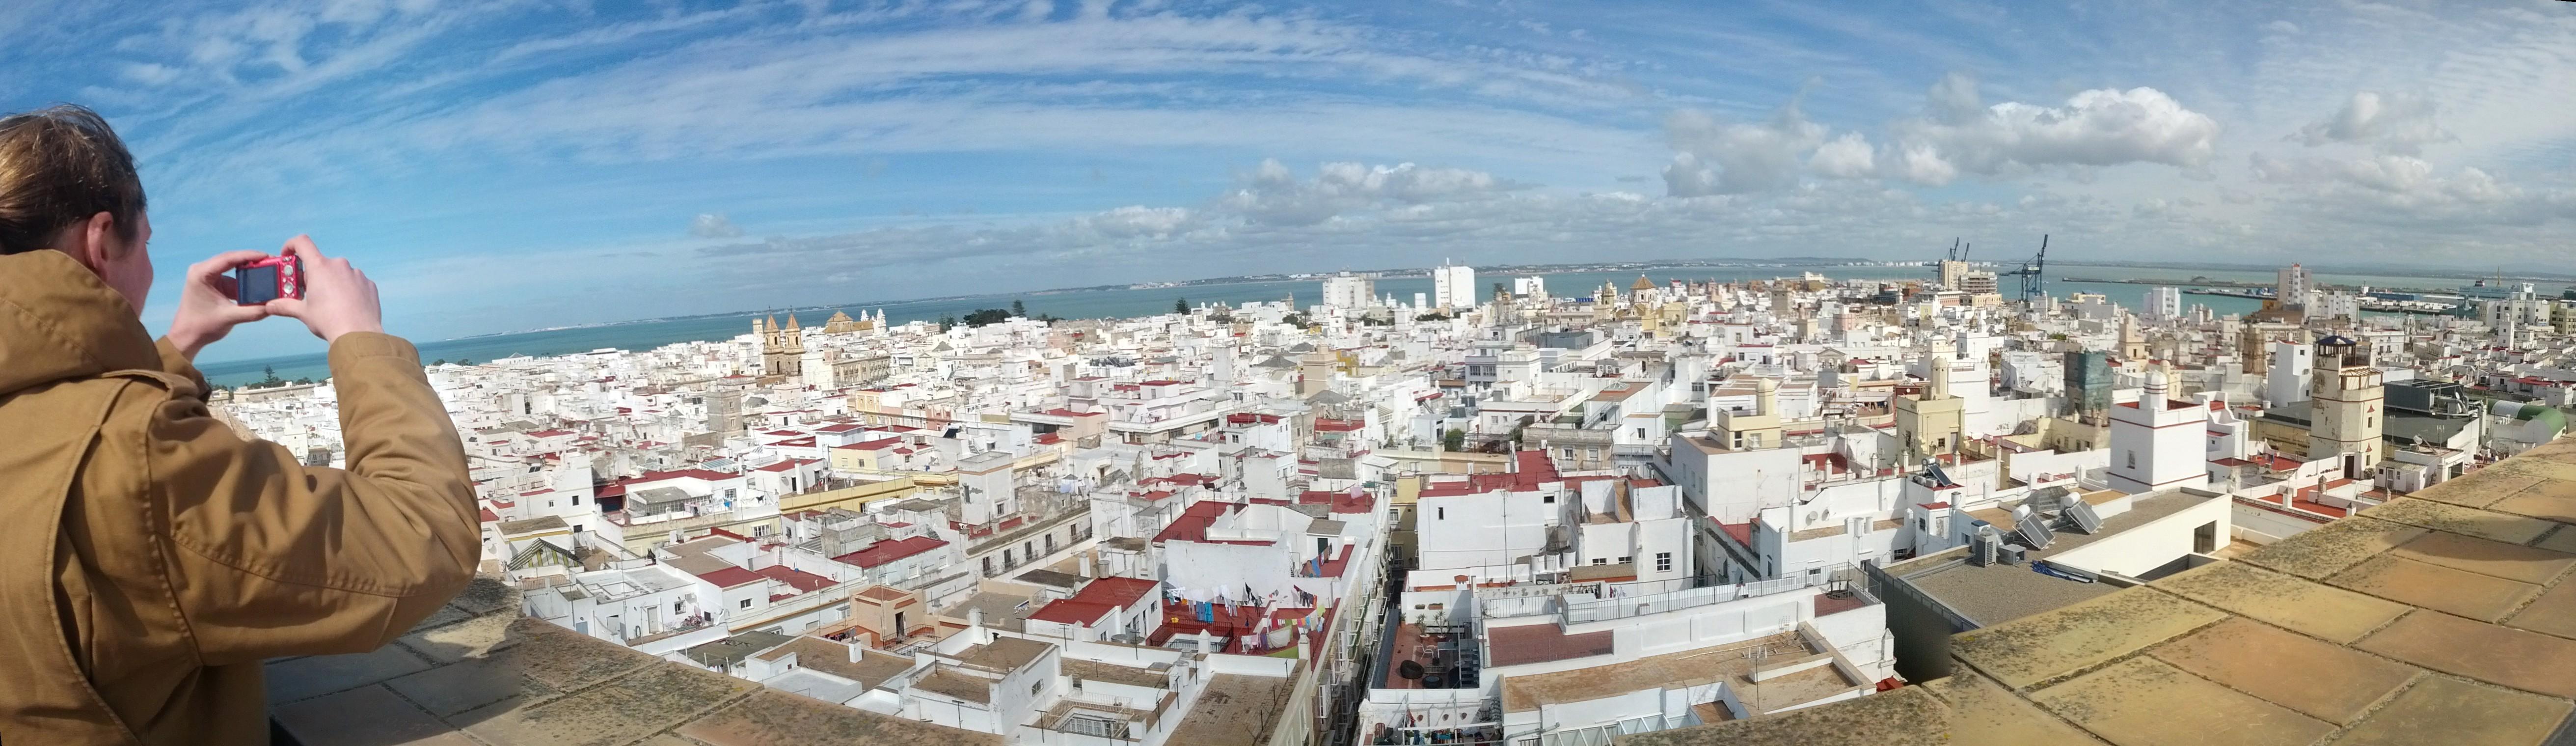 What's The Story?: Tavira Tower, Cadiz